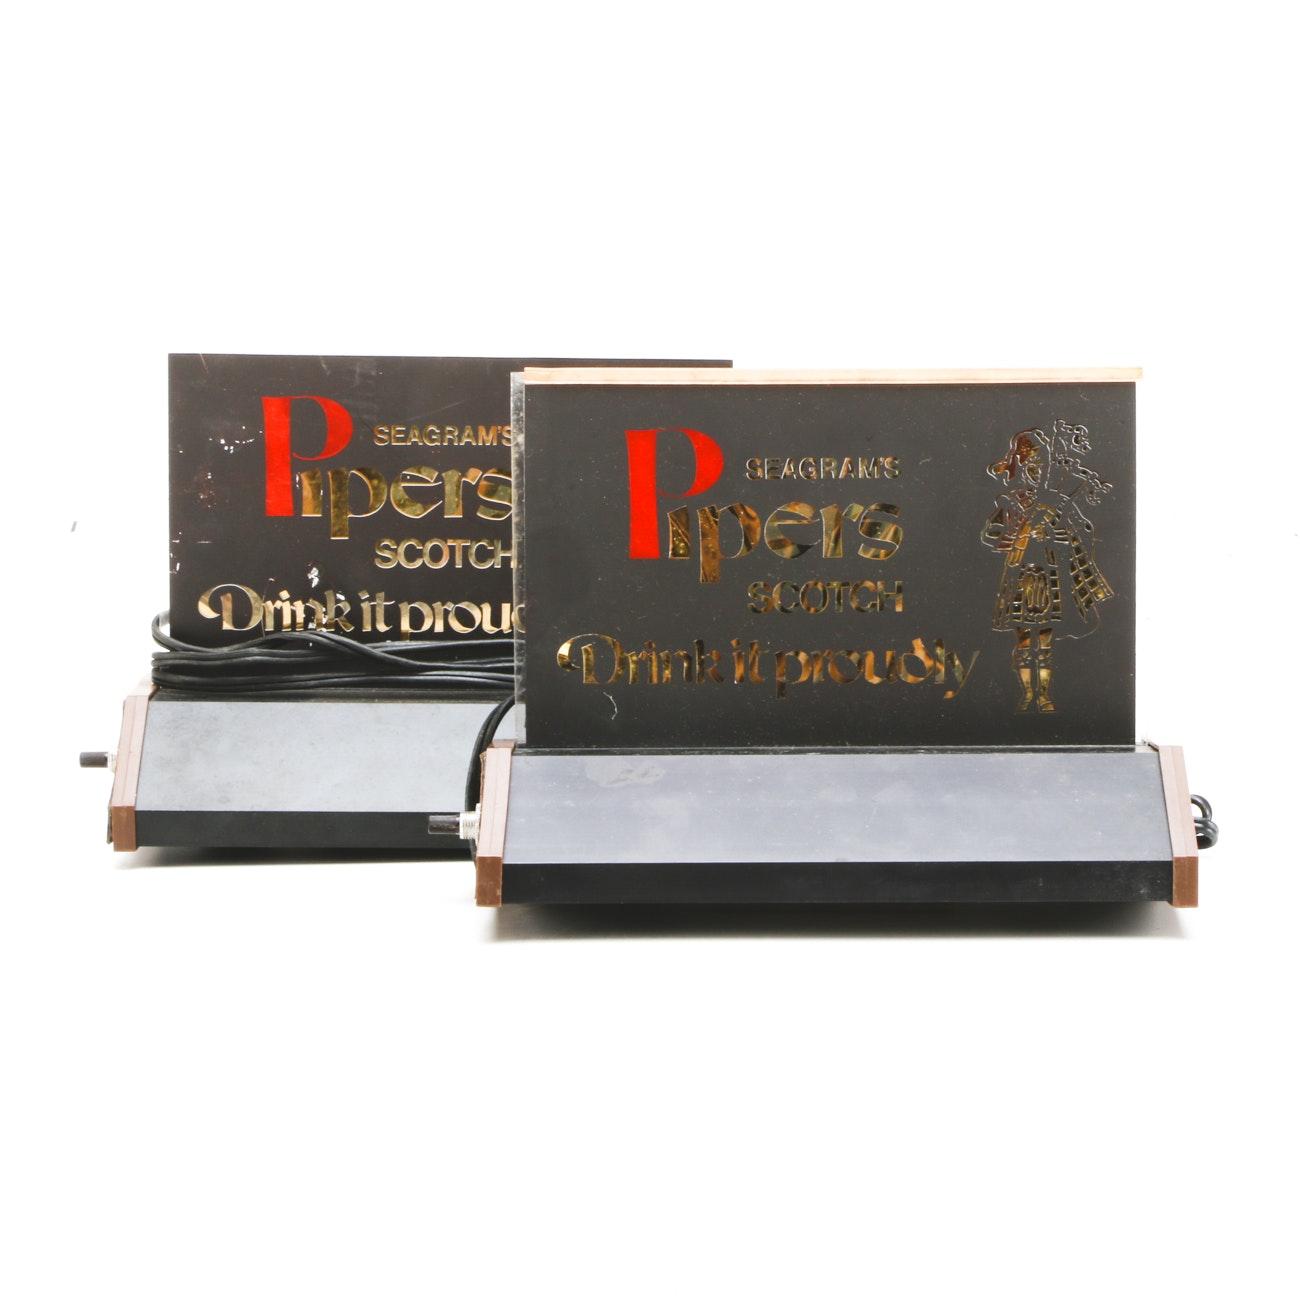 Seagram's Piper's Scotch Cash Register Lights